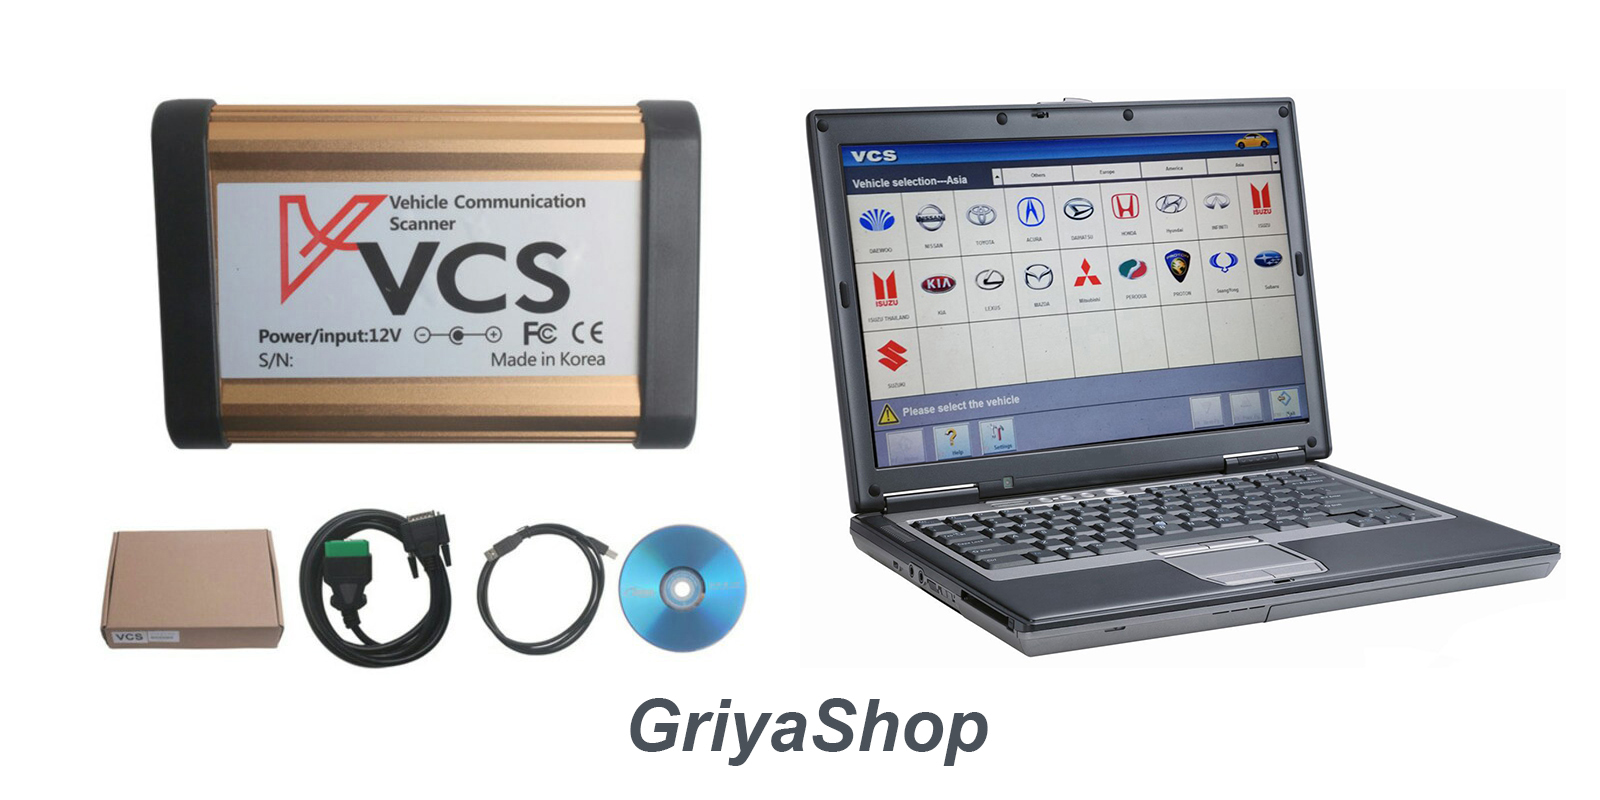 Jual Vcs Obd1 Dan Obd2 Scanner Dengan Full Install Laptop Scaner Mobil Easydiag Sotfwere